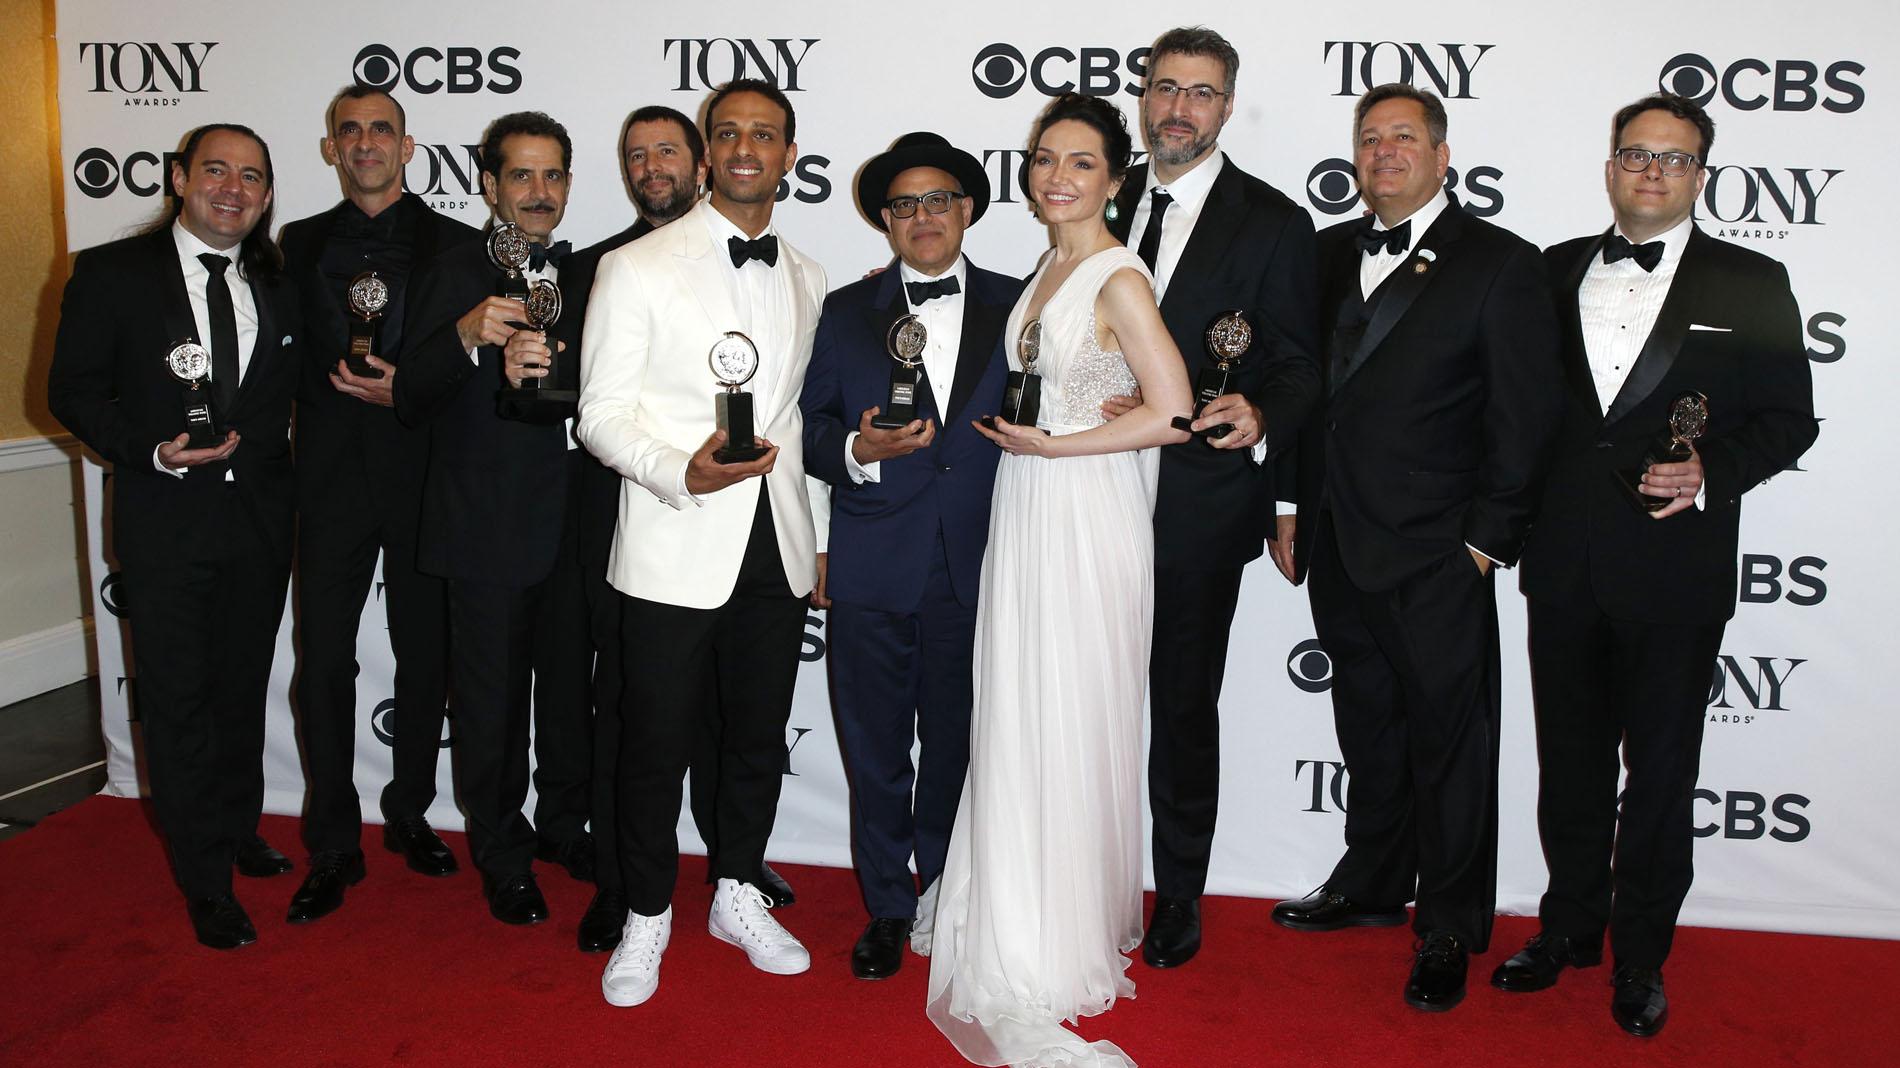 El musical independiente 'The Band's Visit' arrasa en los premios Tony